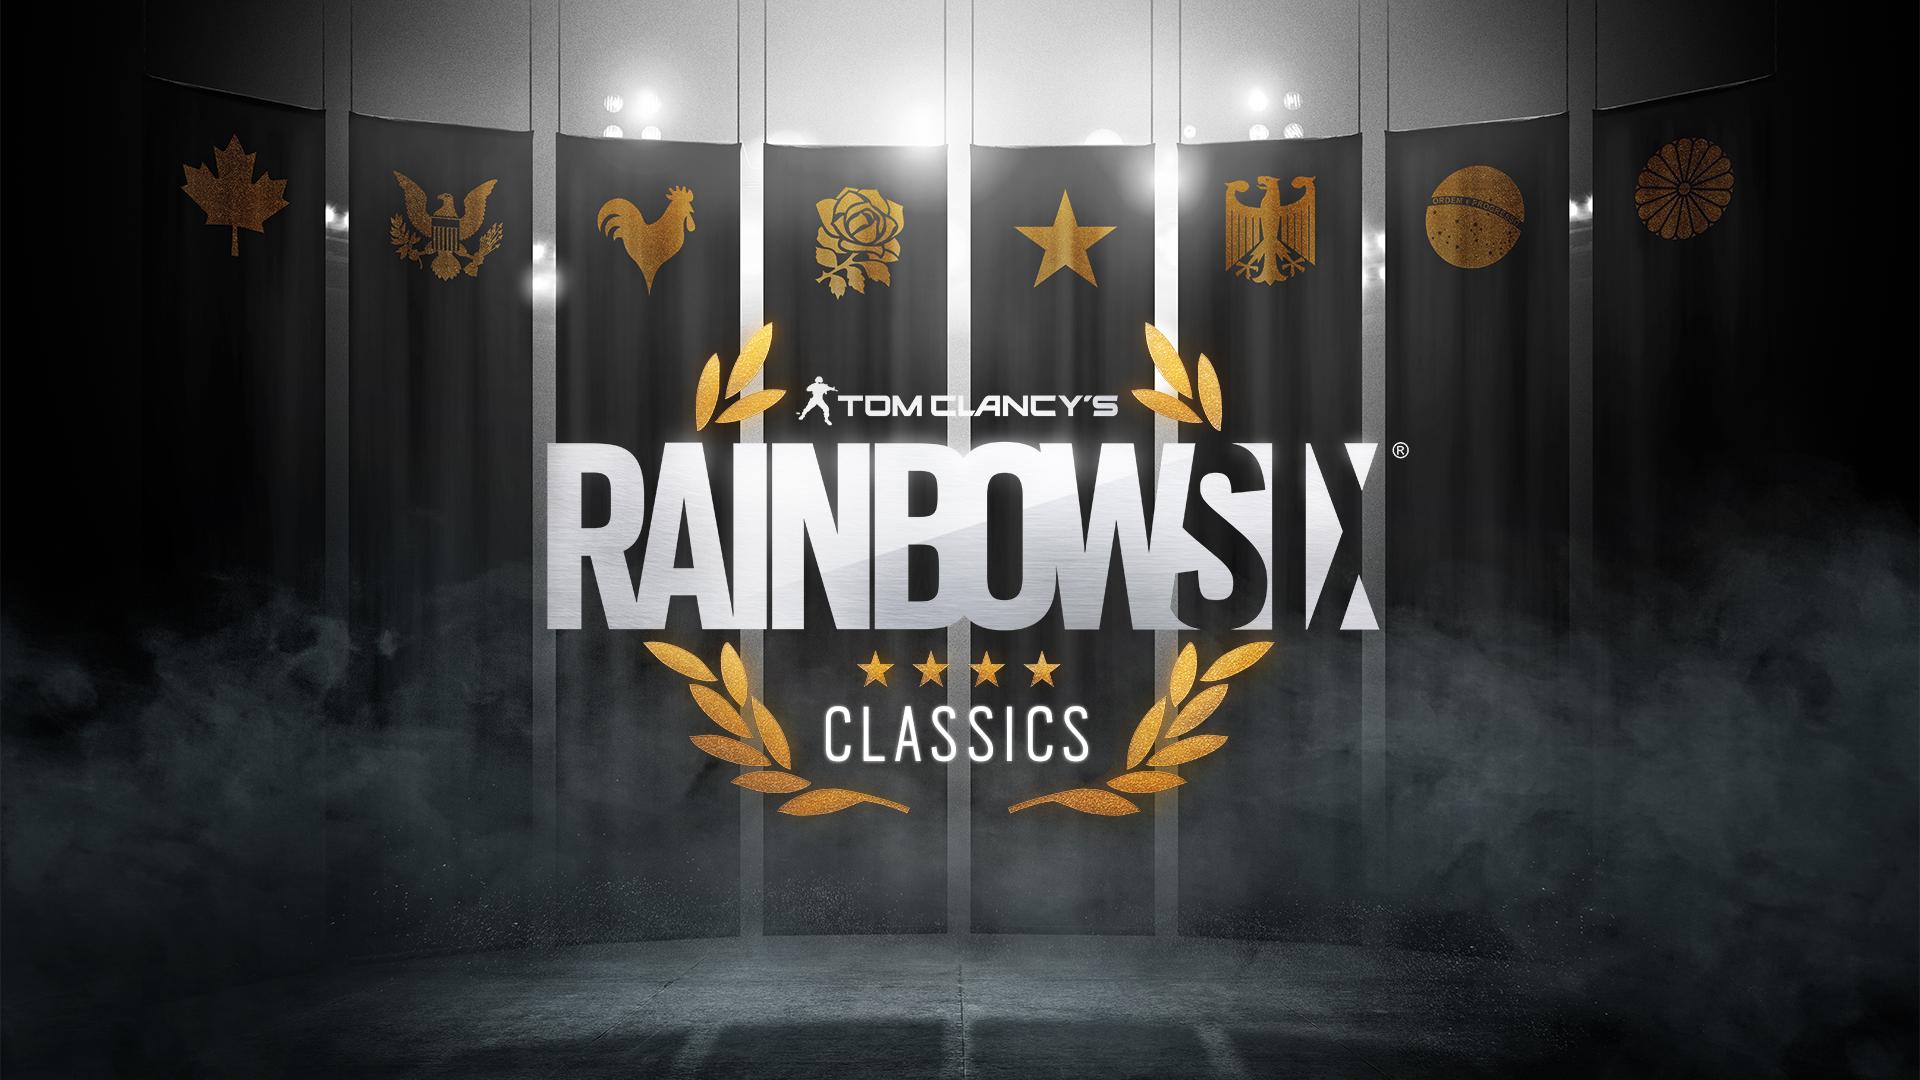 Уже вечером Ubisoft сделает анонс новой киберспортивной программы по Tom Clancy's Rainbow Six